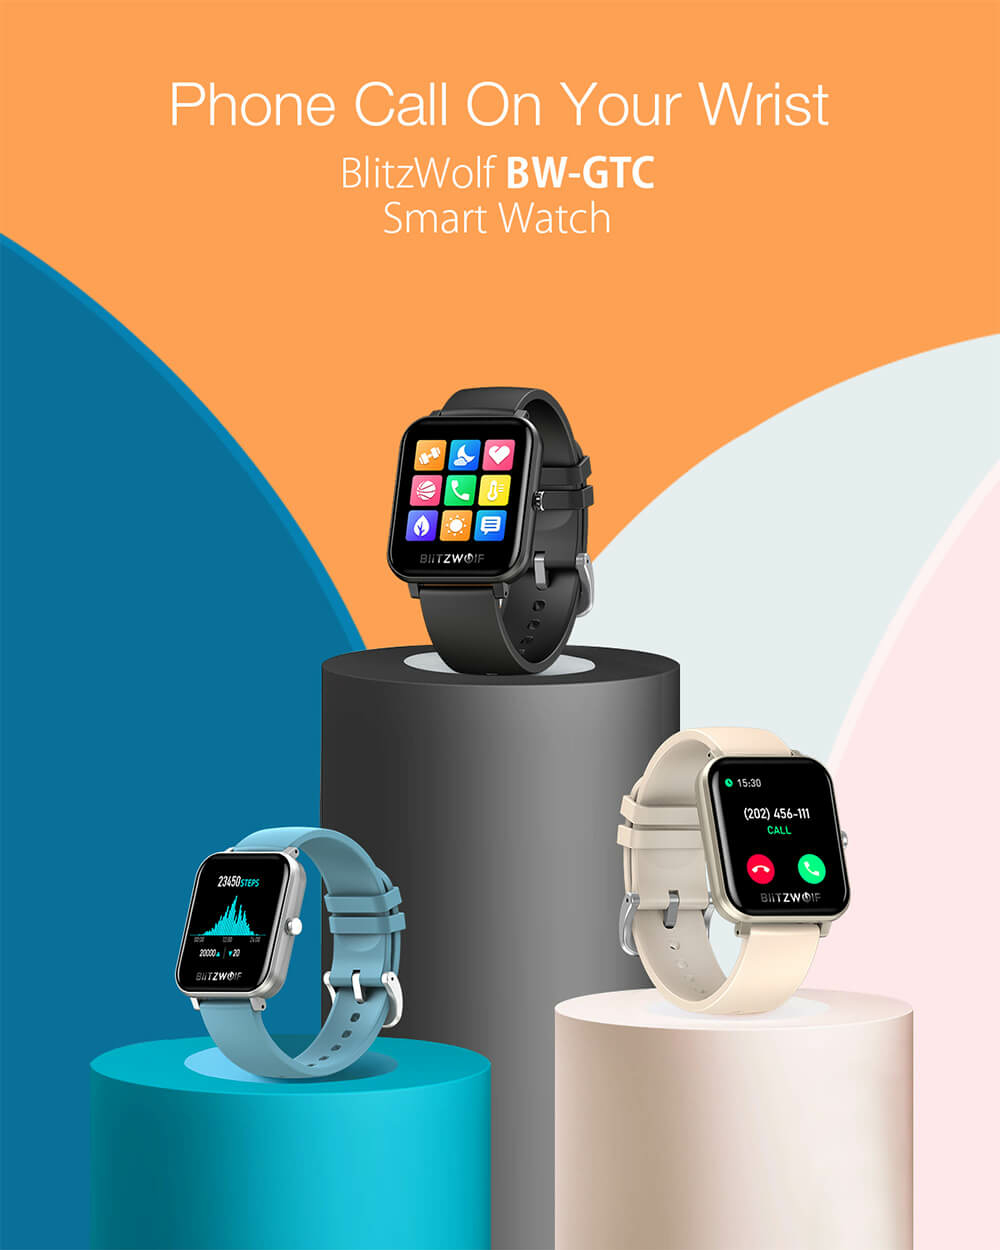 BlitzWolf® BW-GTC érintőkijelzős aktivitásmérő okosórák